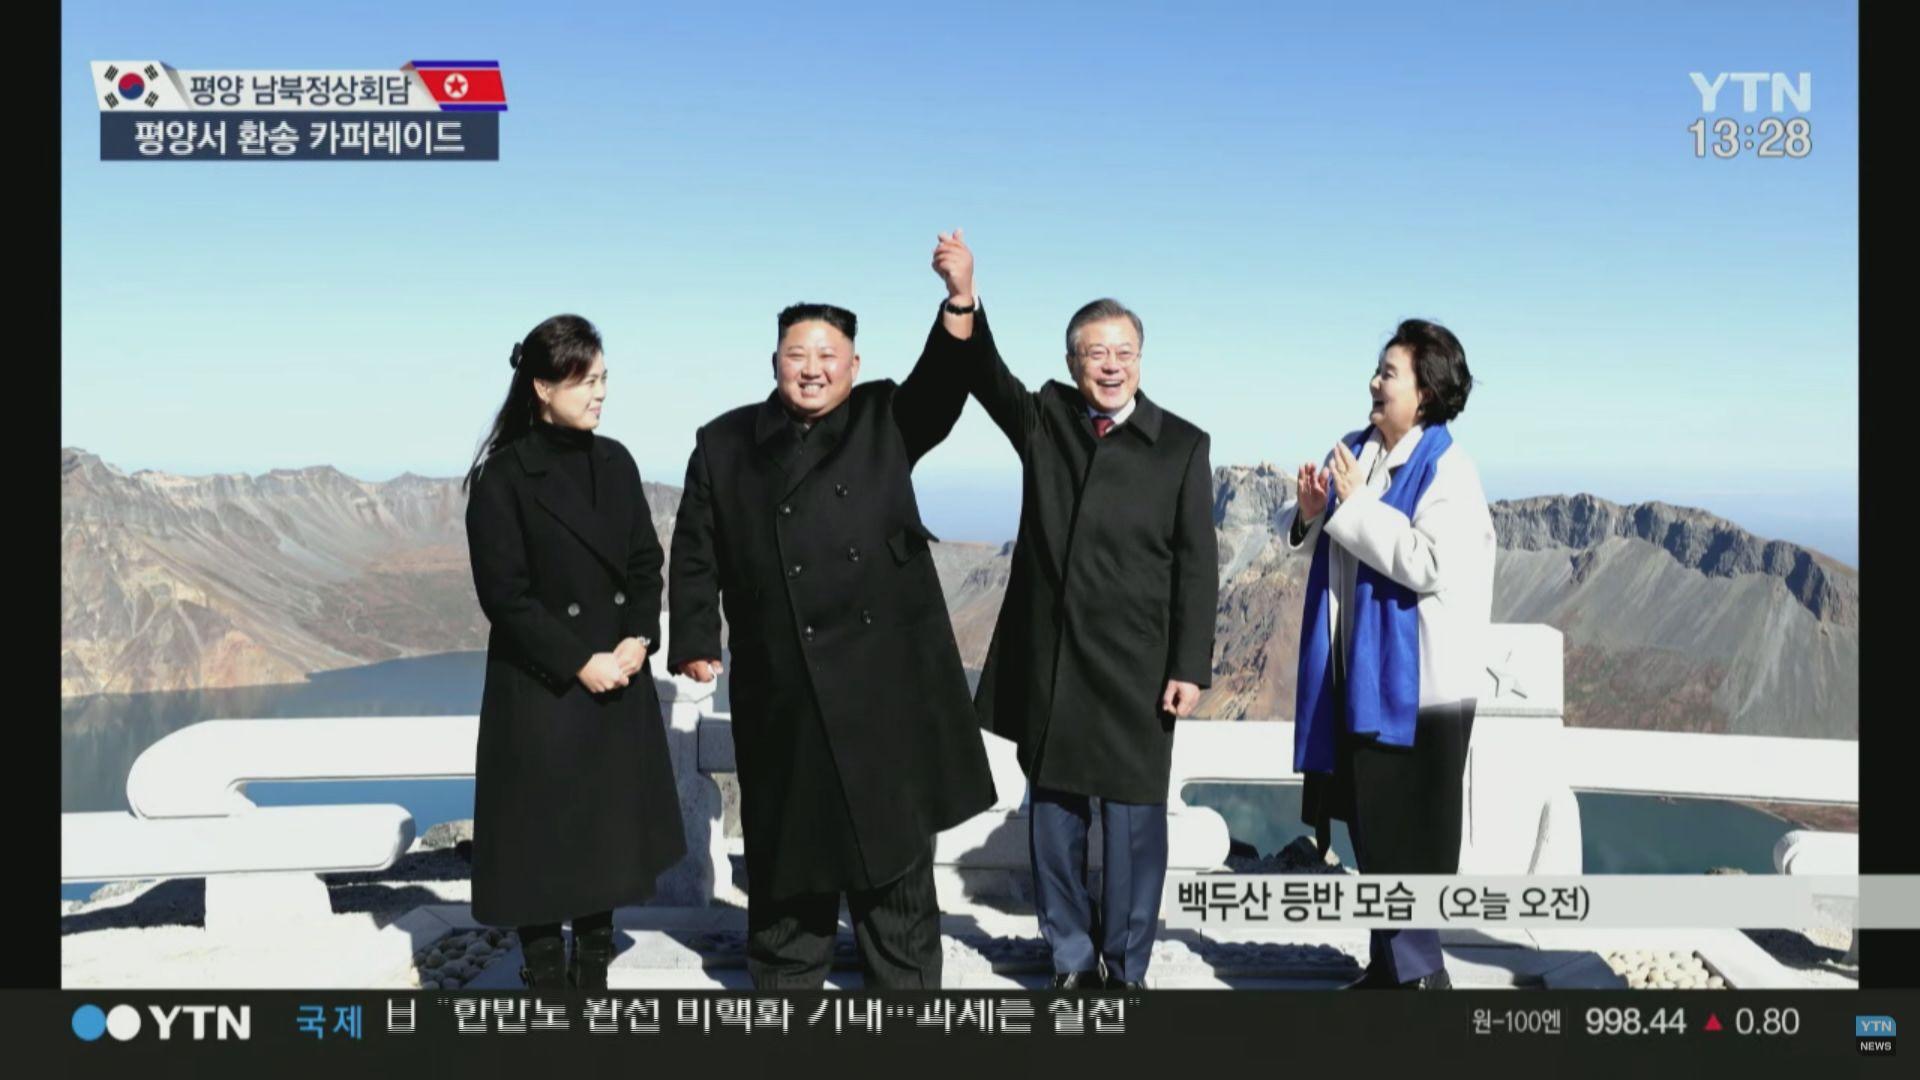 兩韓領袖同登白頭山 文在寅扭轉支持度跌勢